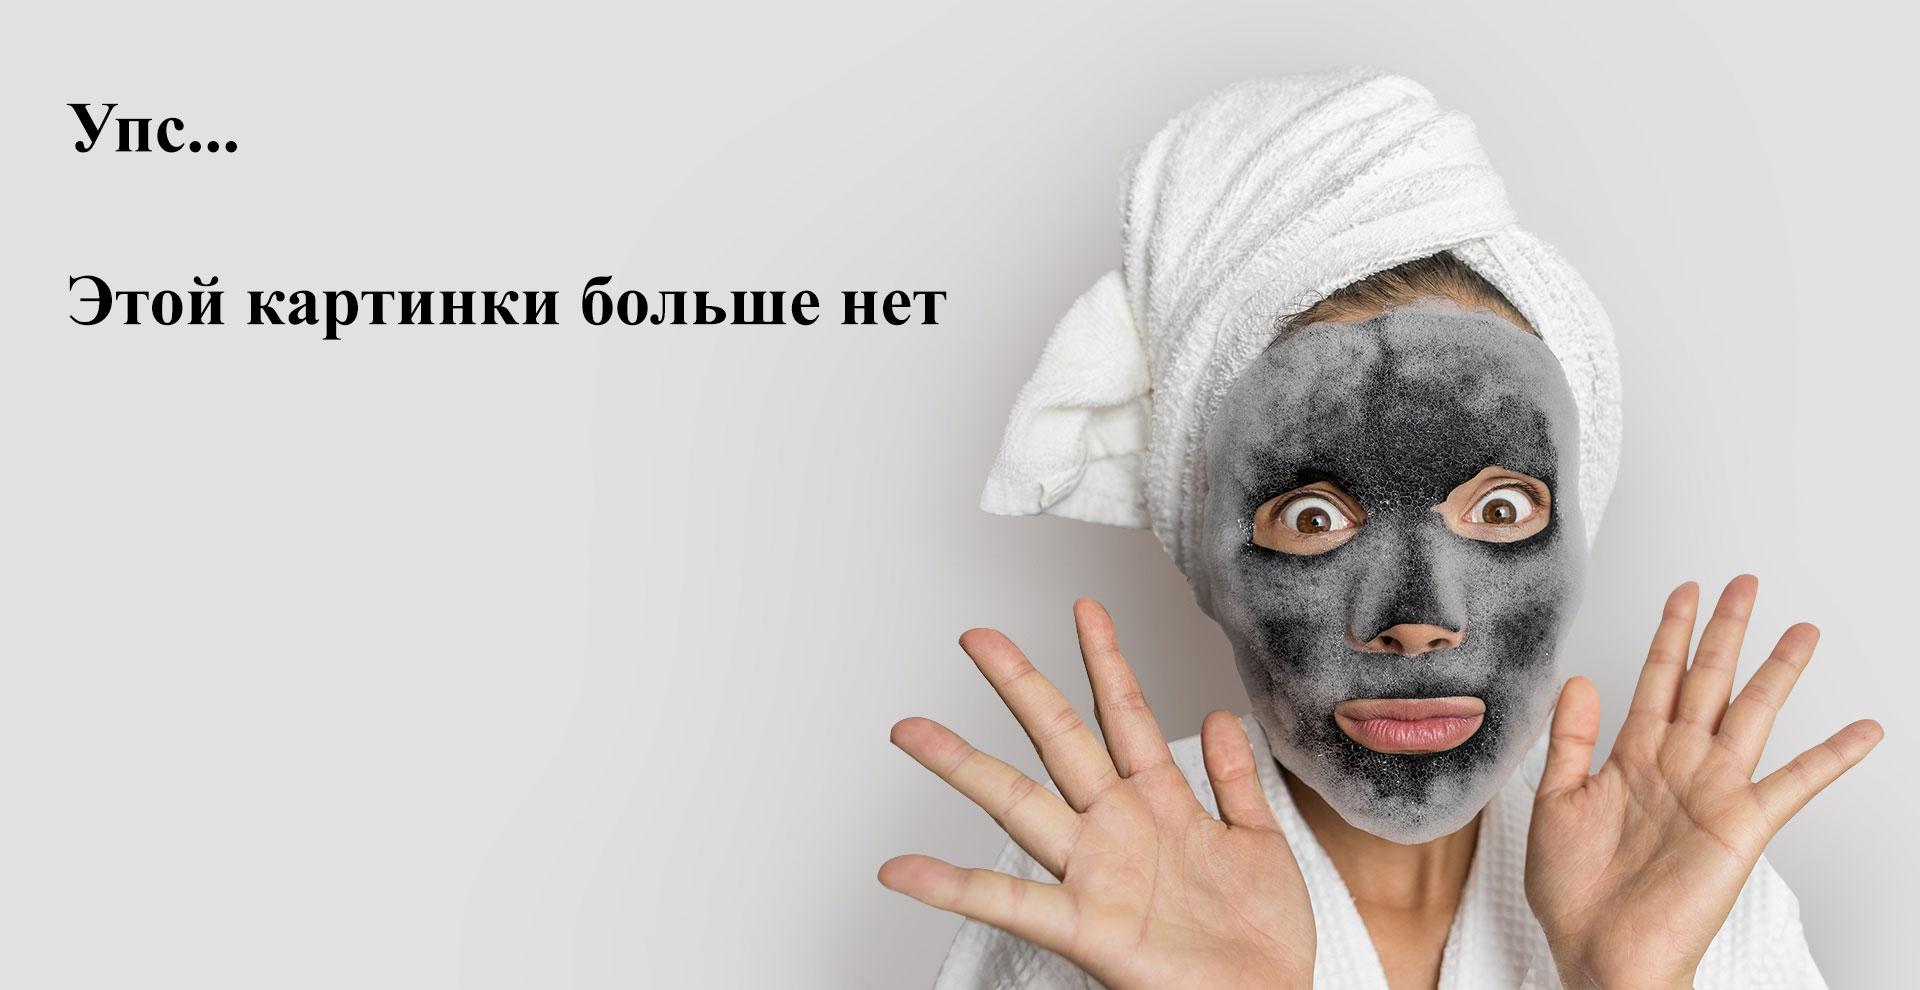 RefectoCil, Жидкость для снятия краски, Tint Remover, 150 мл